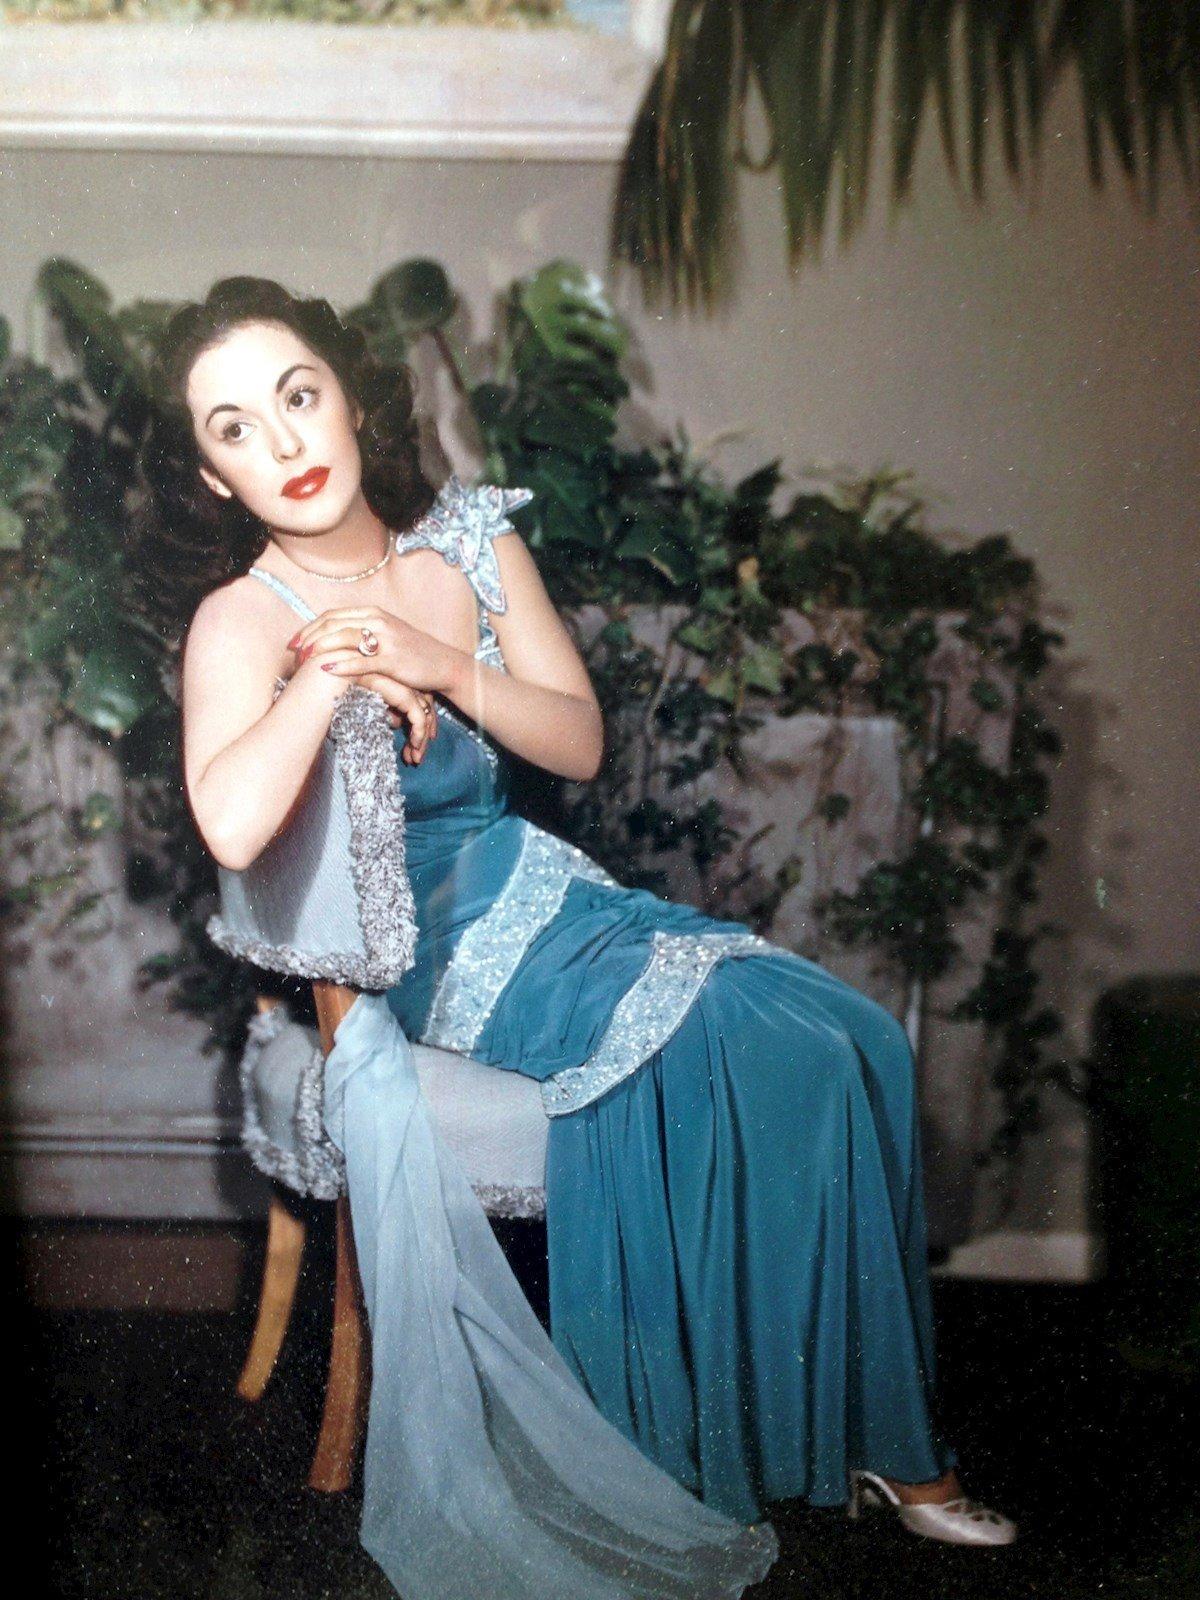 Fotografía personal cedida donde aparece la actriz cubana Estelita Rodríguez, nacida en Guanajay el 2 de julio de 1928 y fallecida en Van Nuys (California) el 12 de marzo de 1966. Foto: EFE/Nina López/Serena Burdick.